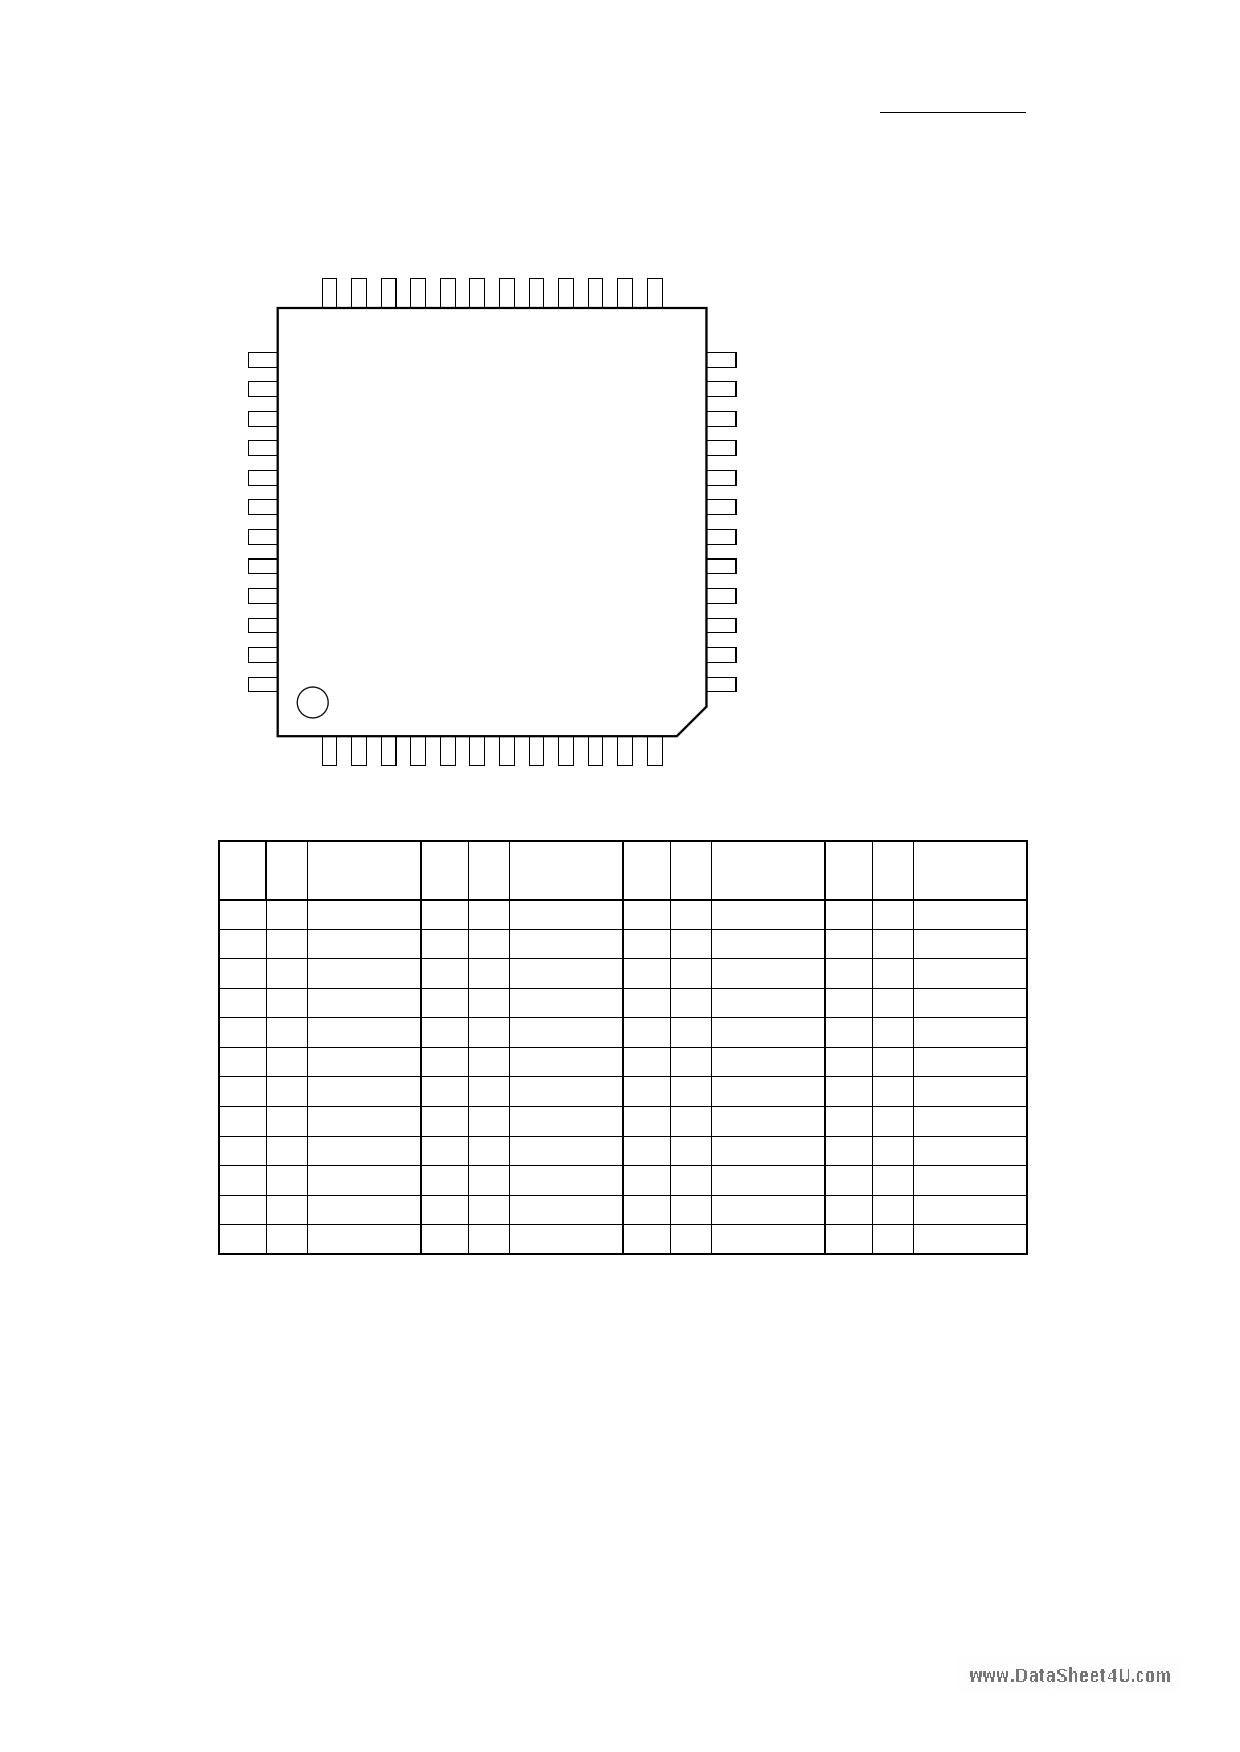 LZ95G824 دیتاشیت PDF